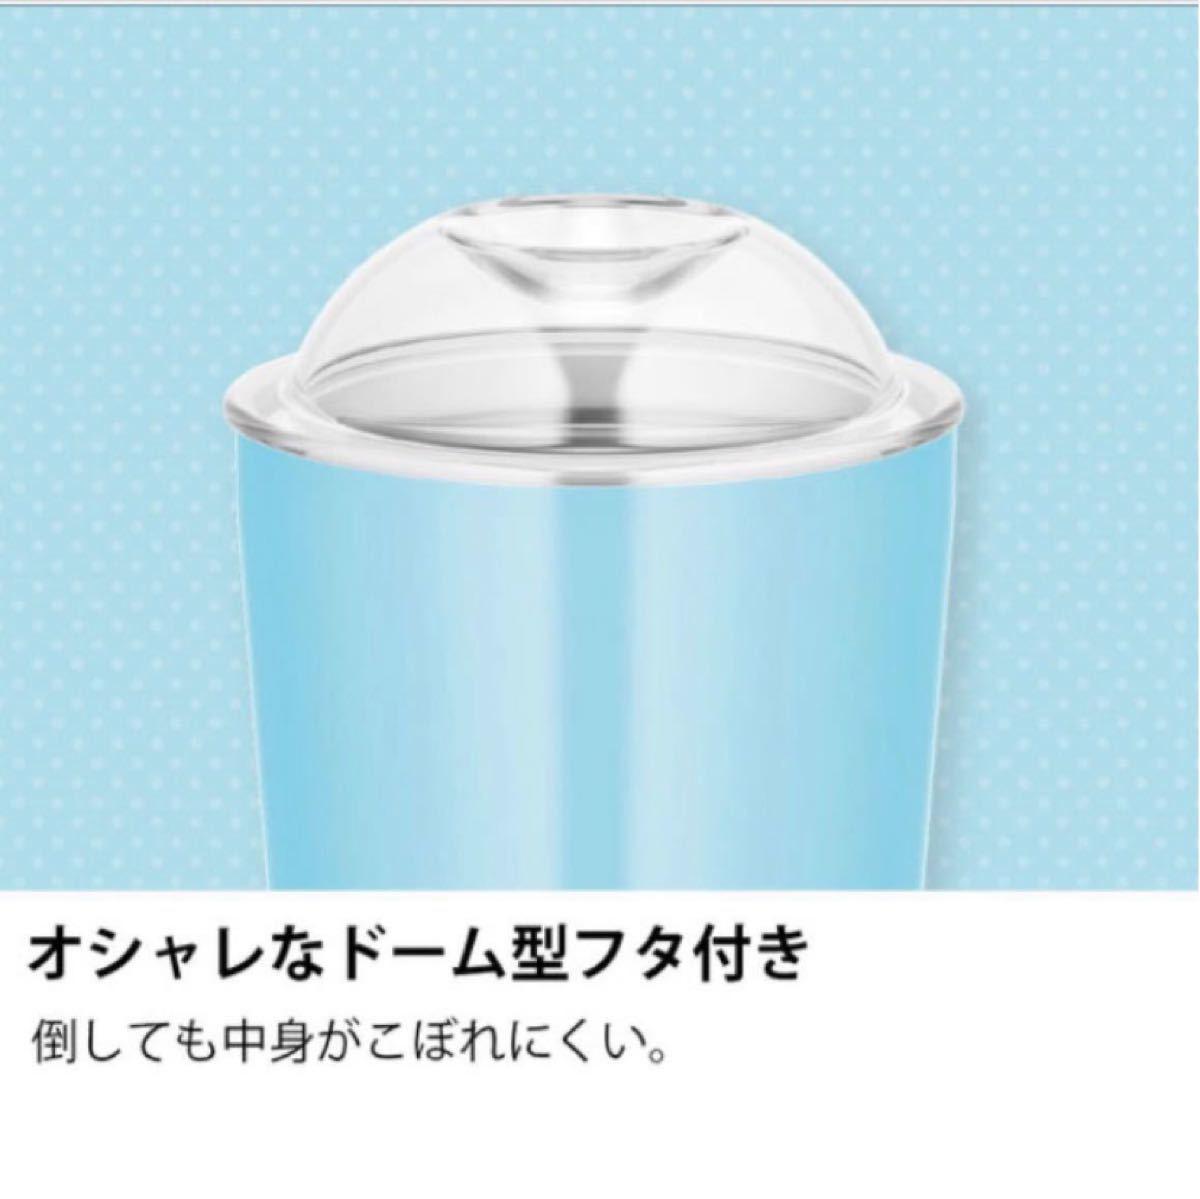 サーモス真空断熱タンブラー THERMOS 保冷ストローカップ ライトブルー 300ml ステンレス製 魔法びん構造 送料無料